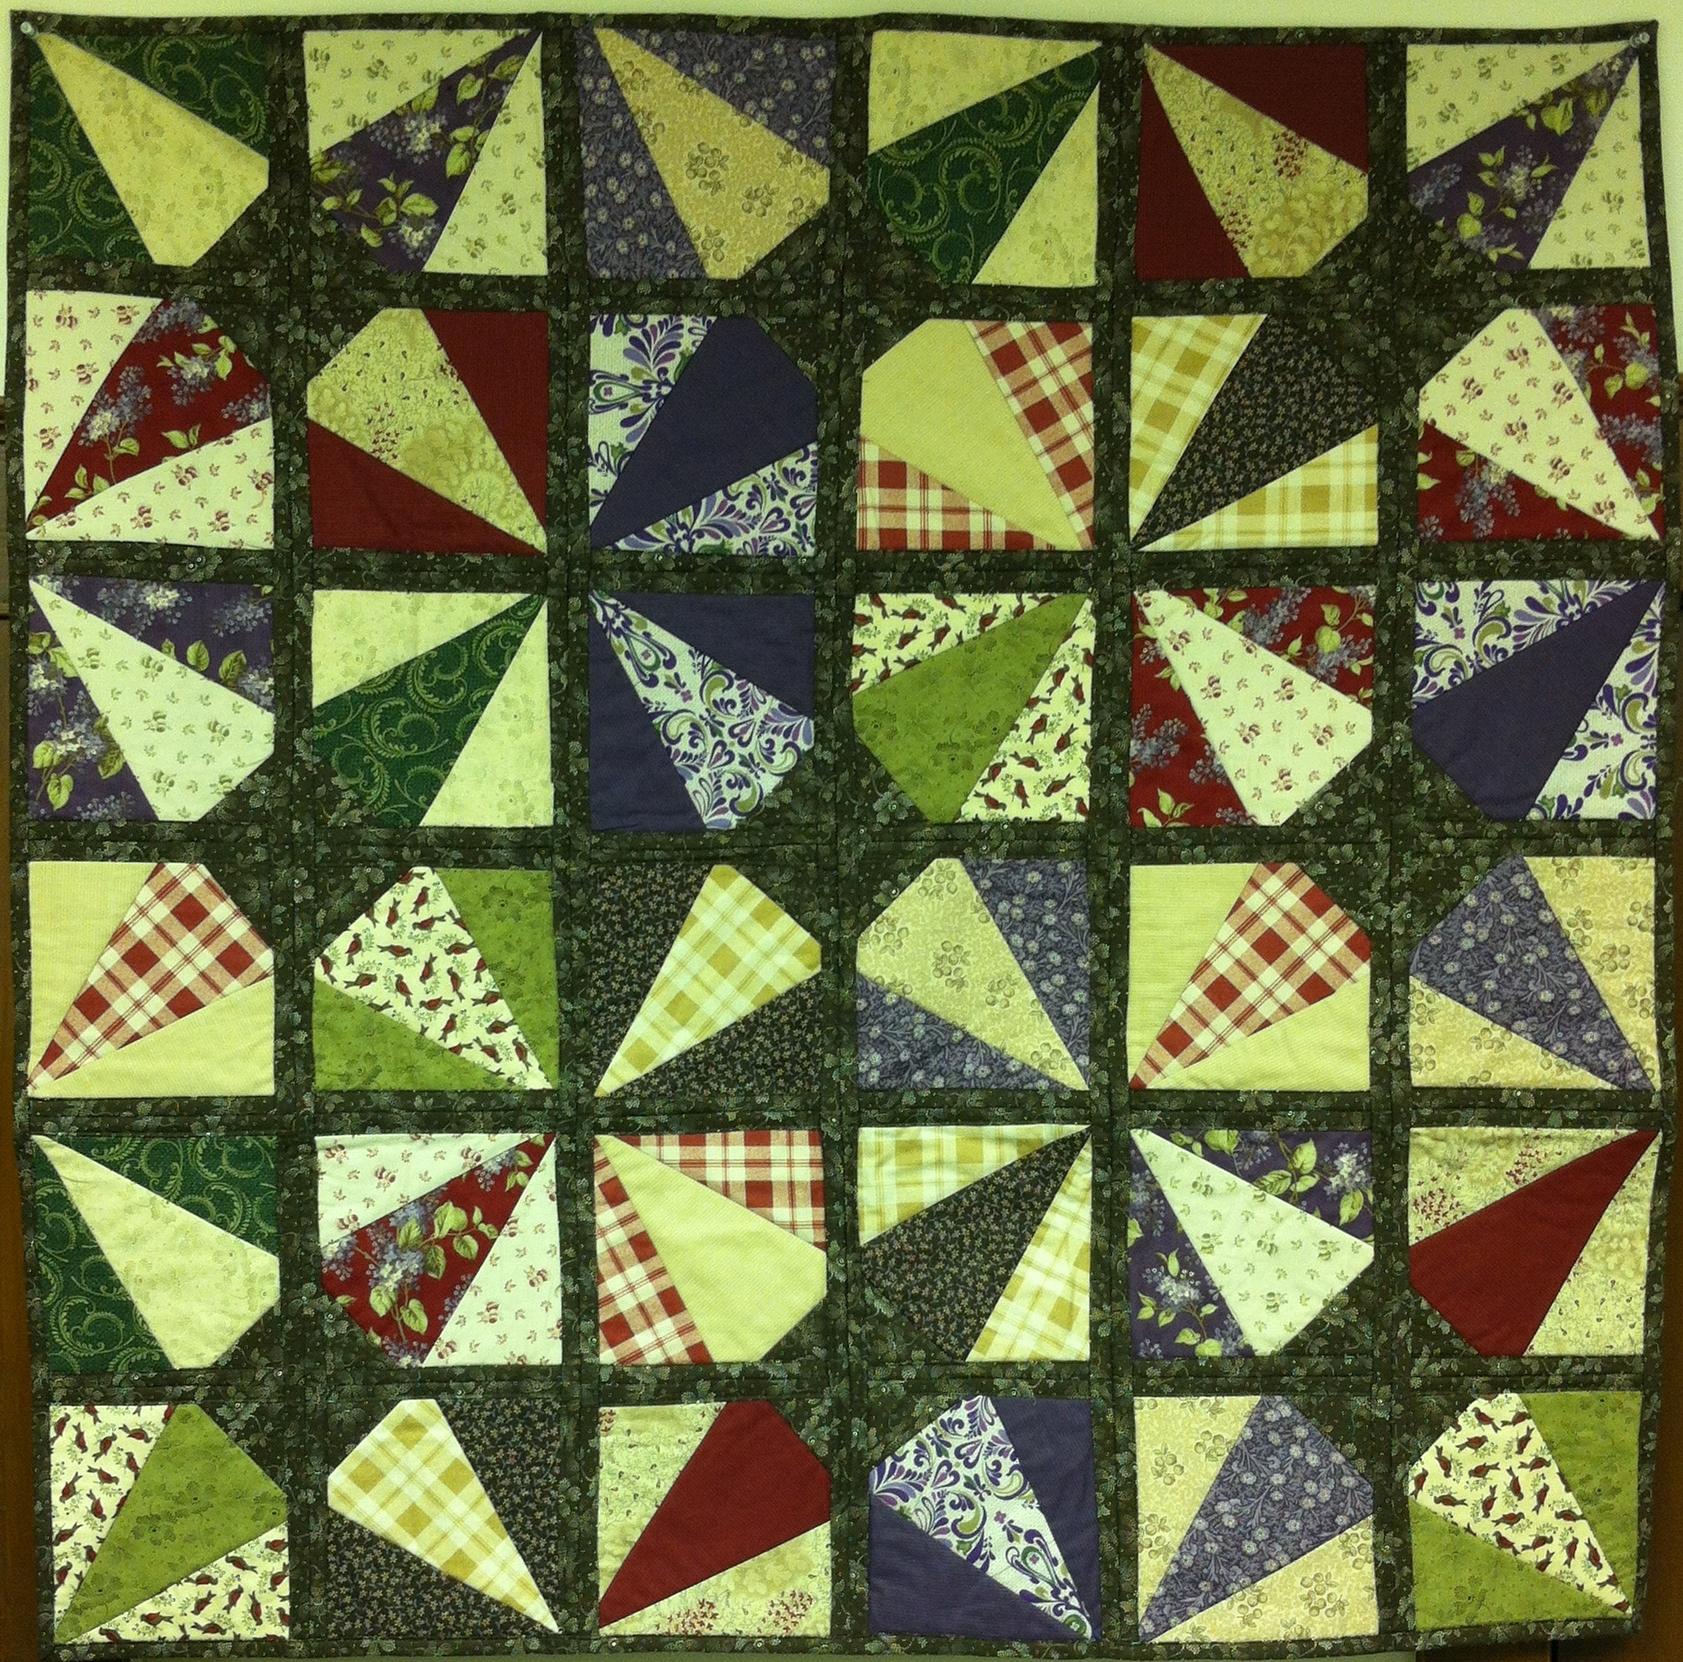 Criss Cross Quilt (44.5 x 44.5)